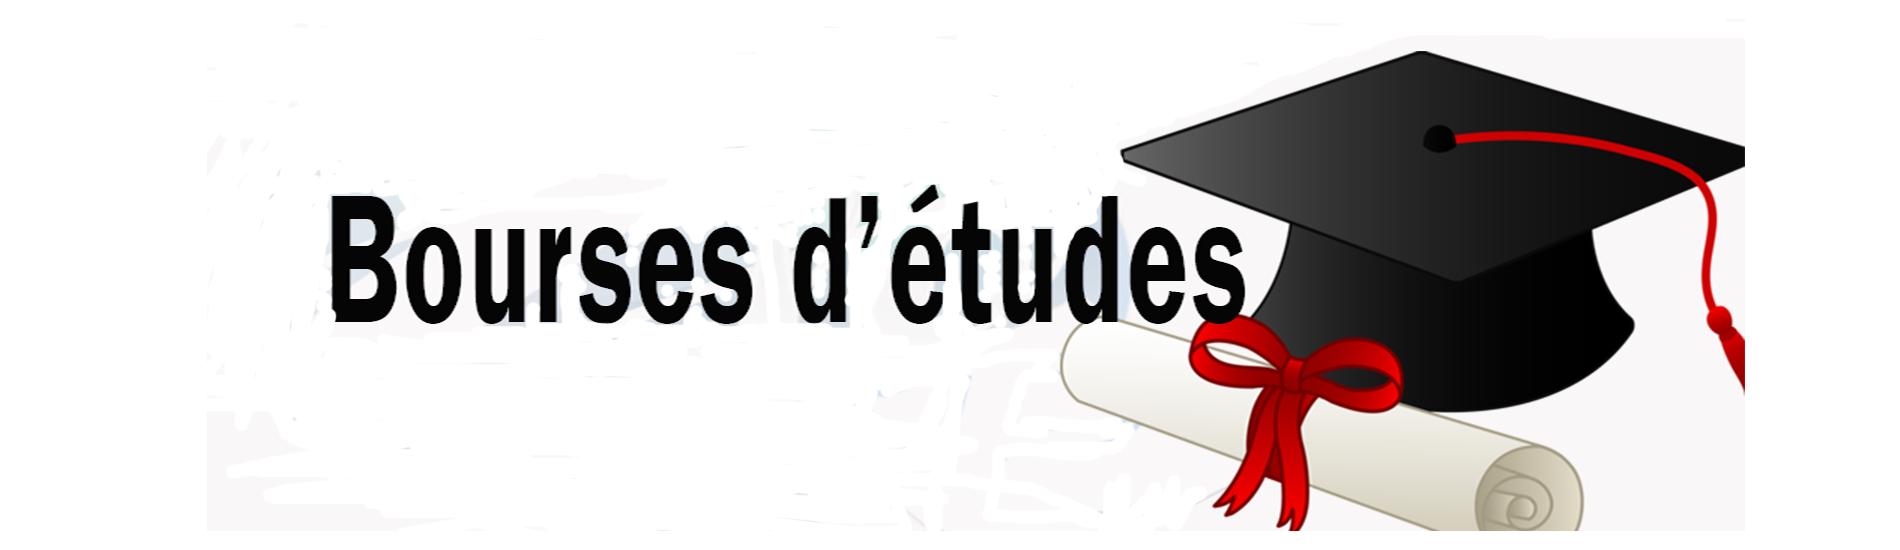 Bourses d'études au titre de l'année universitaire 2019/2020